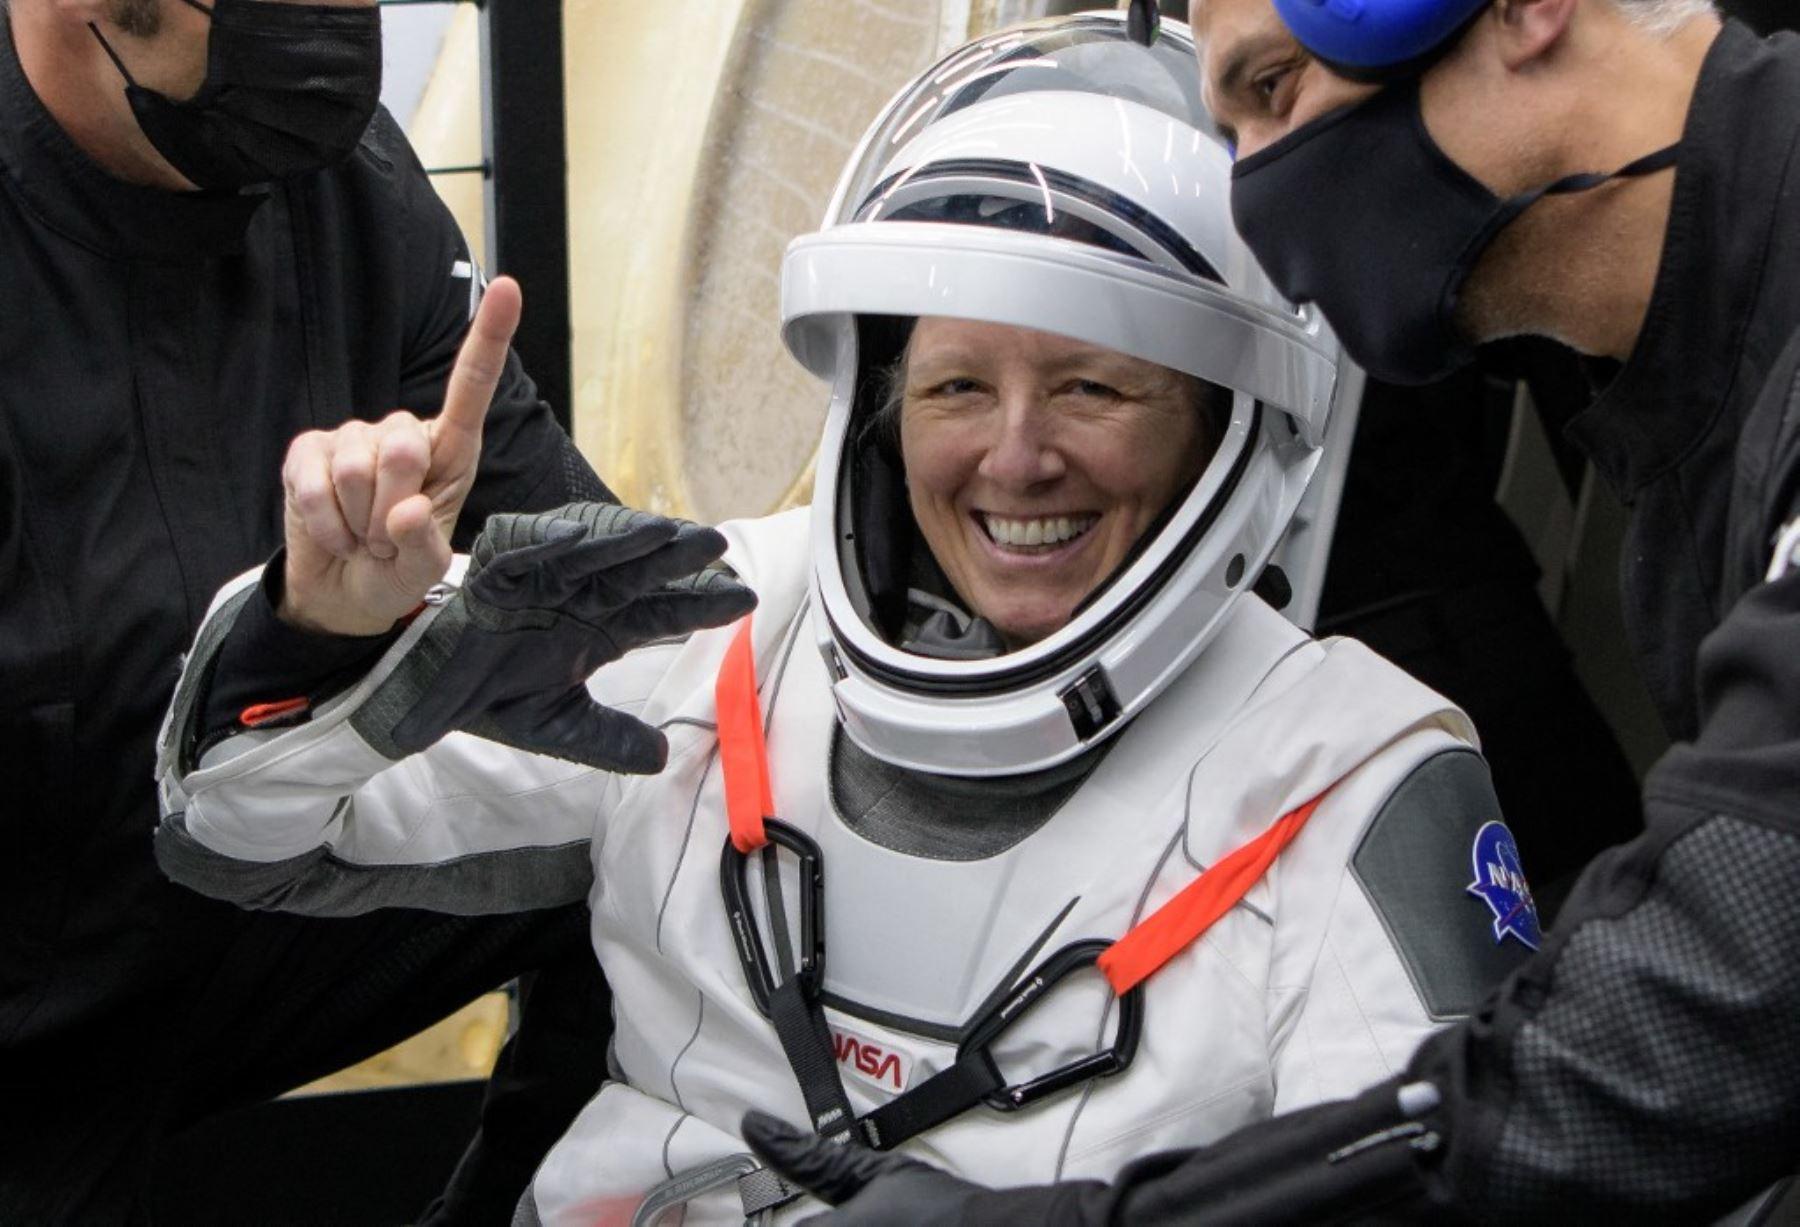 El astronauta de la NASA, Shannon Walker siendo ayudada a salir de la nave espacial SpaceX Crew Dragon Resilience a bordo del SpaceX GO Navigator. Foto: NASA